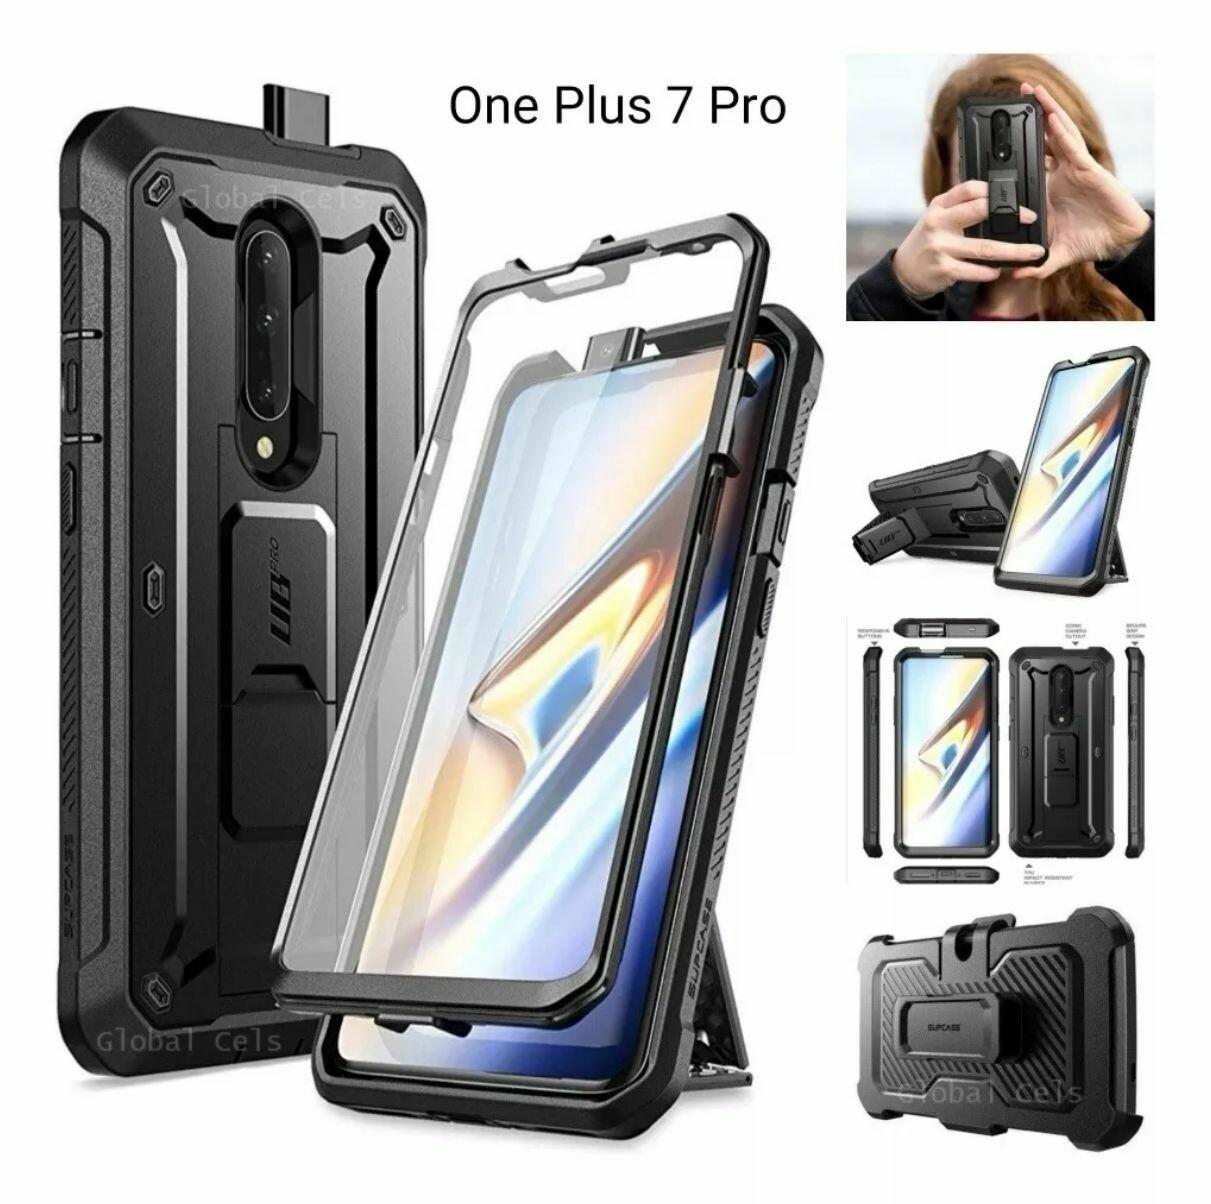 Case Funda One Plus 7 Pro Protector 360° c/ Parador c/ Gancho